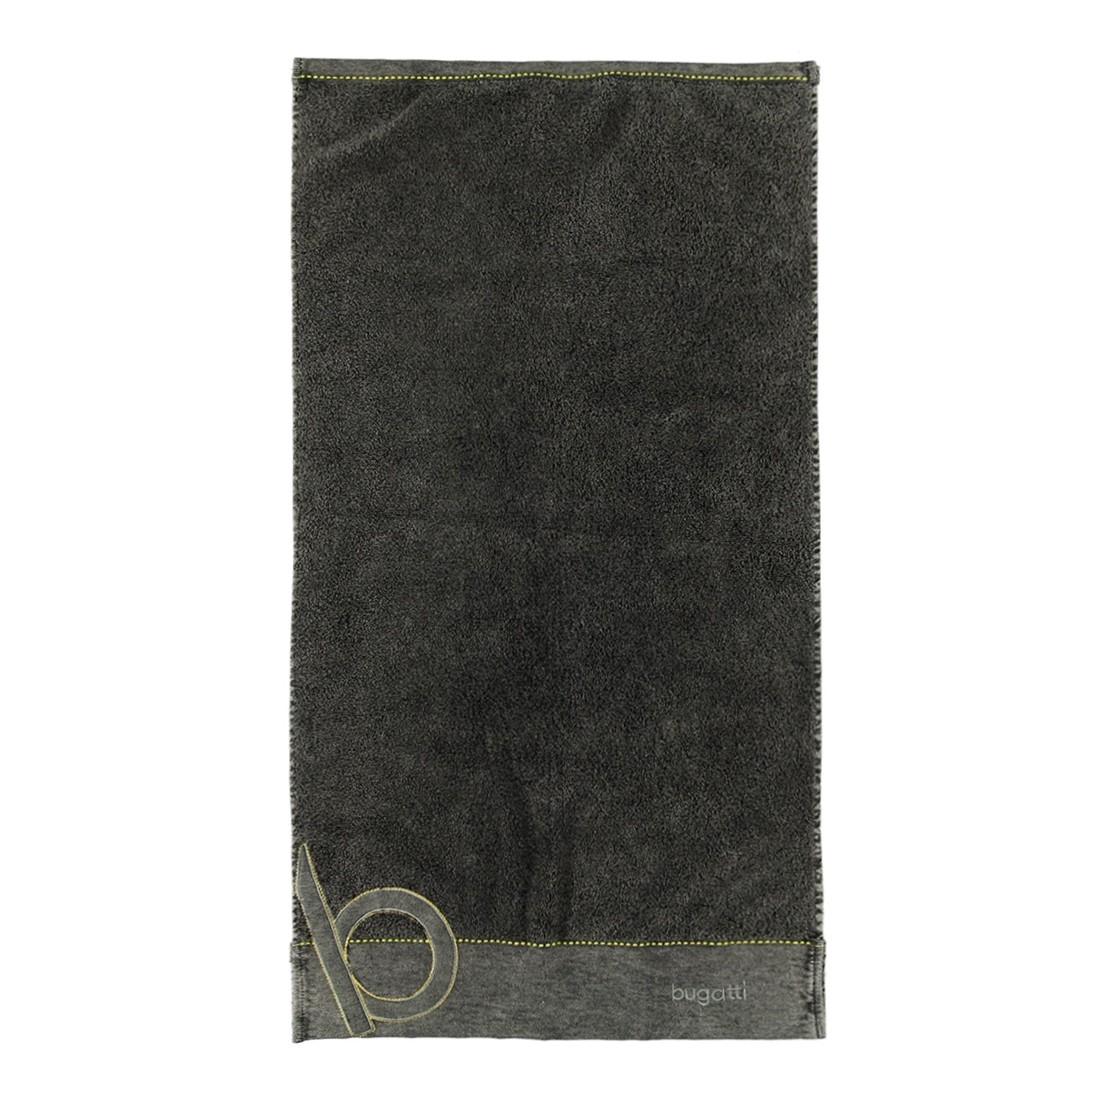 Handtuch Denim – 100% Baumwolle – Braun/Grau – Handtuch: 50 x 100 cm, Bugatti jetzt bestellen